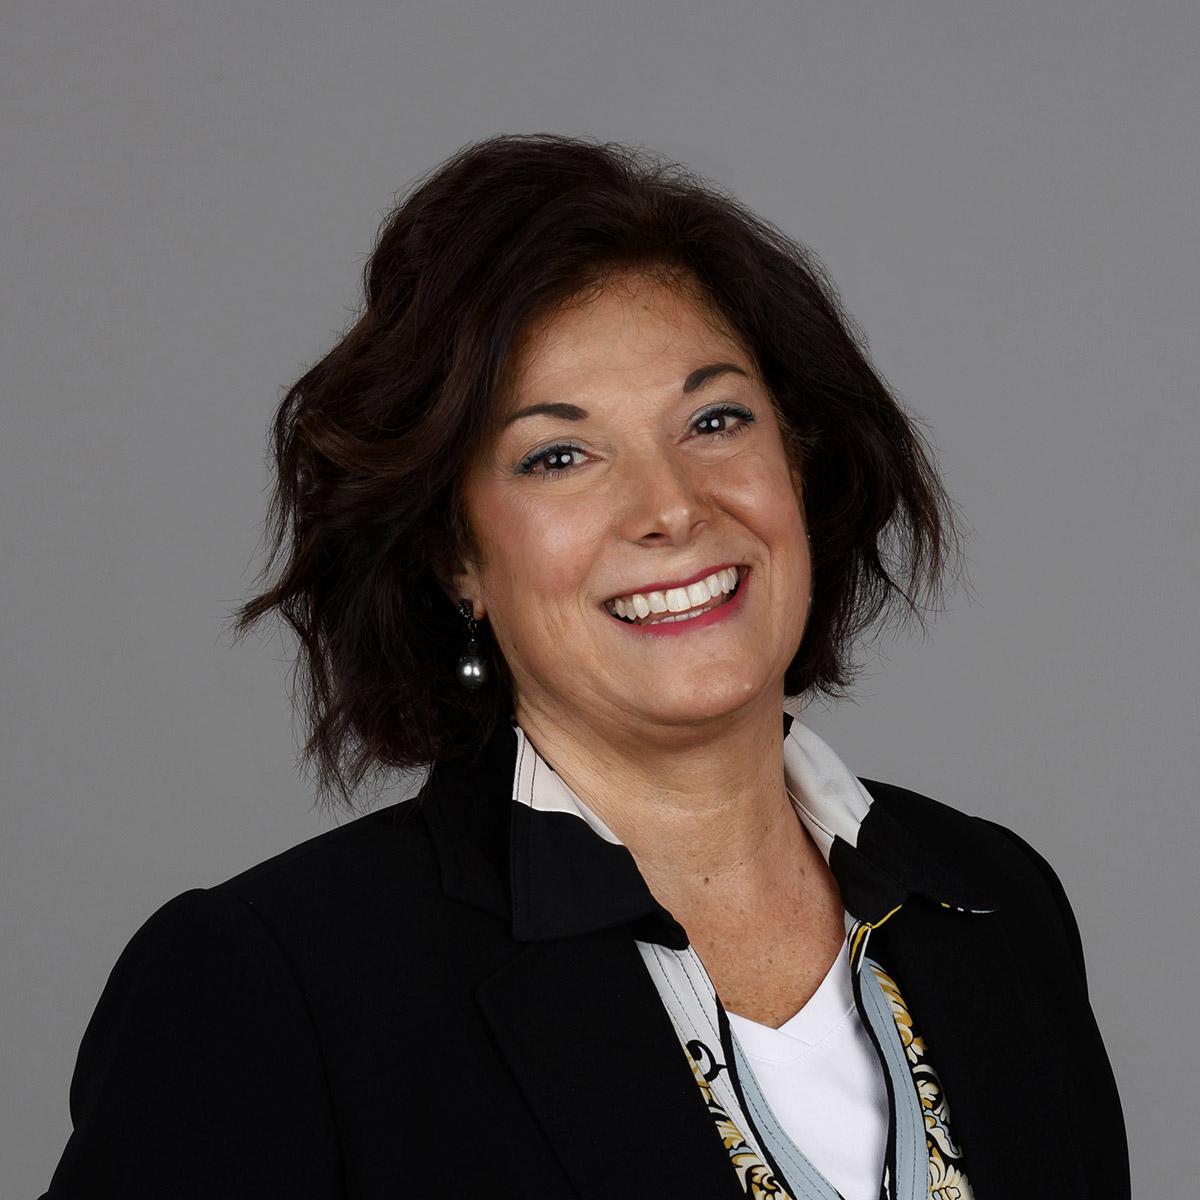 Marie Duquette